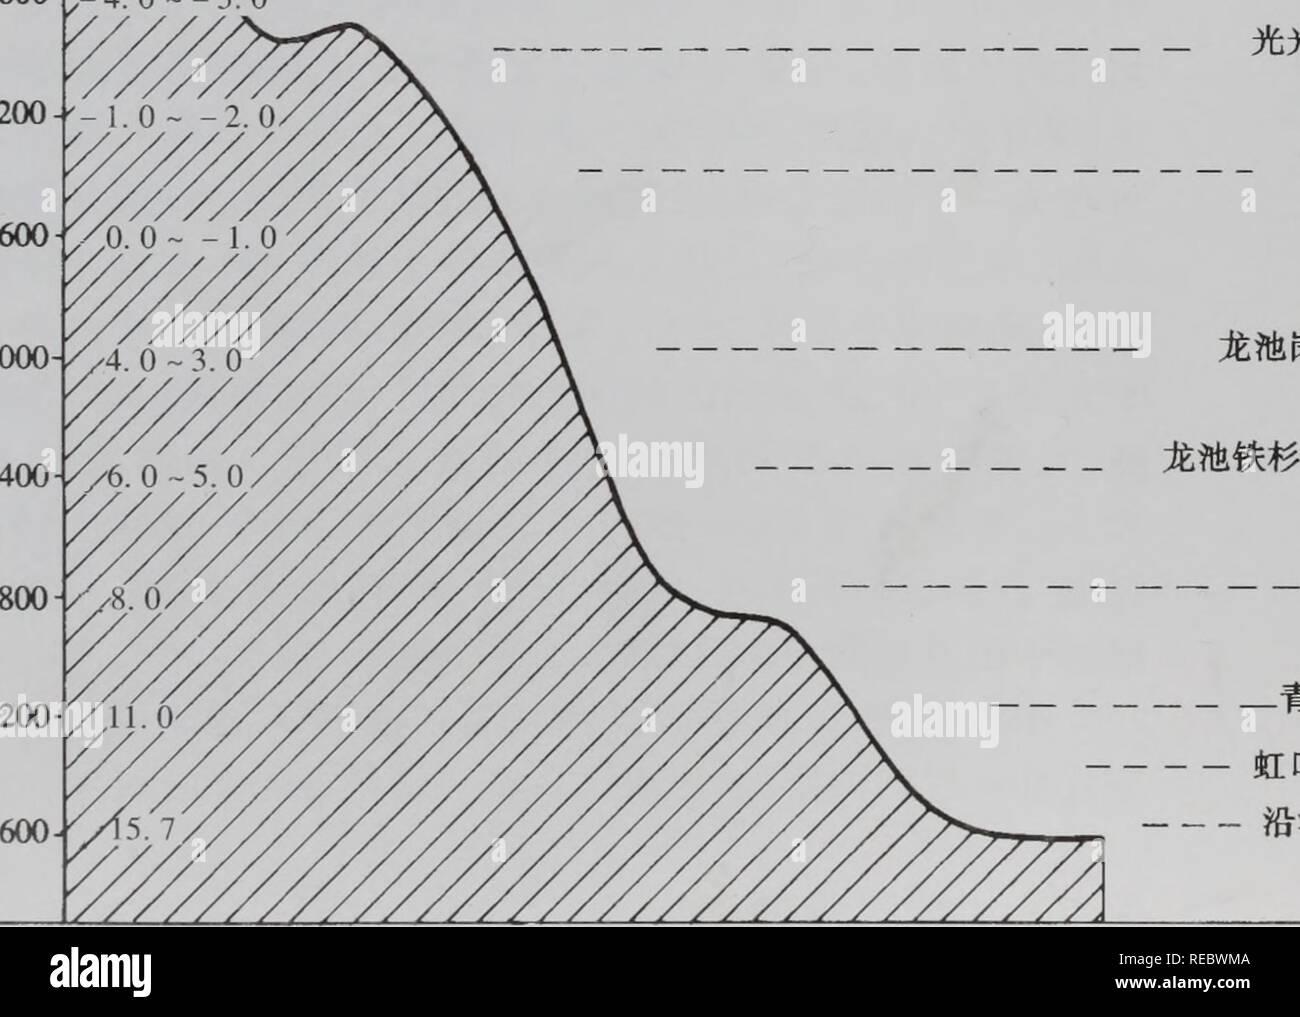 シャネル 時計 激安 / 広島 時計 激安メンズ